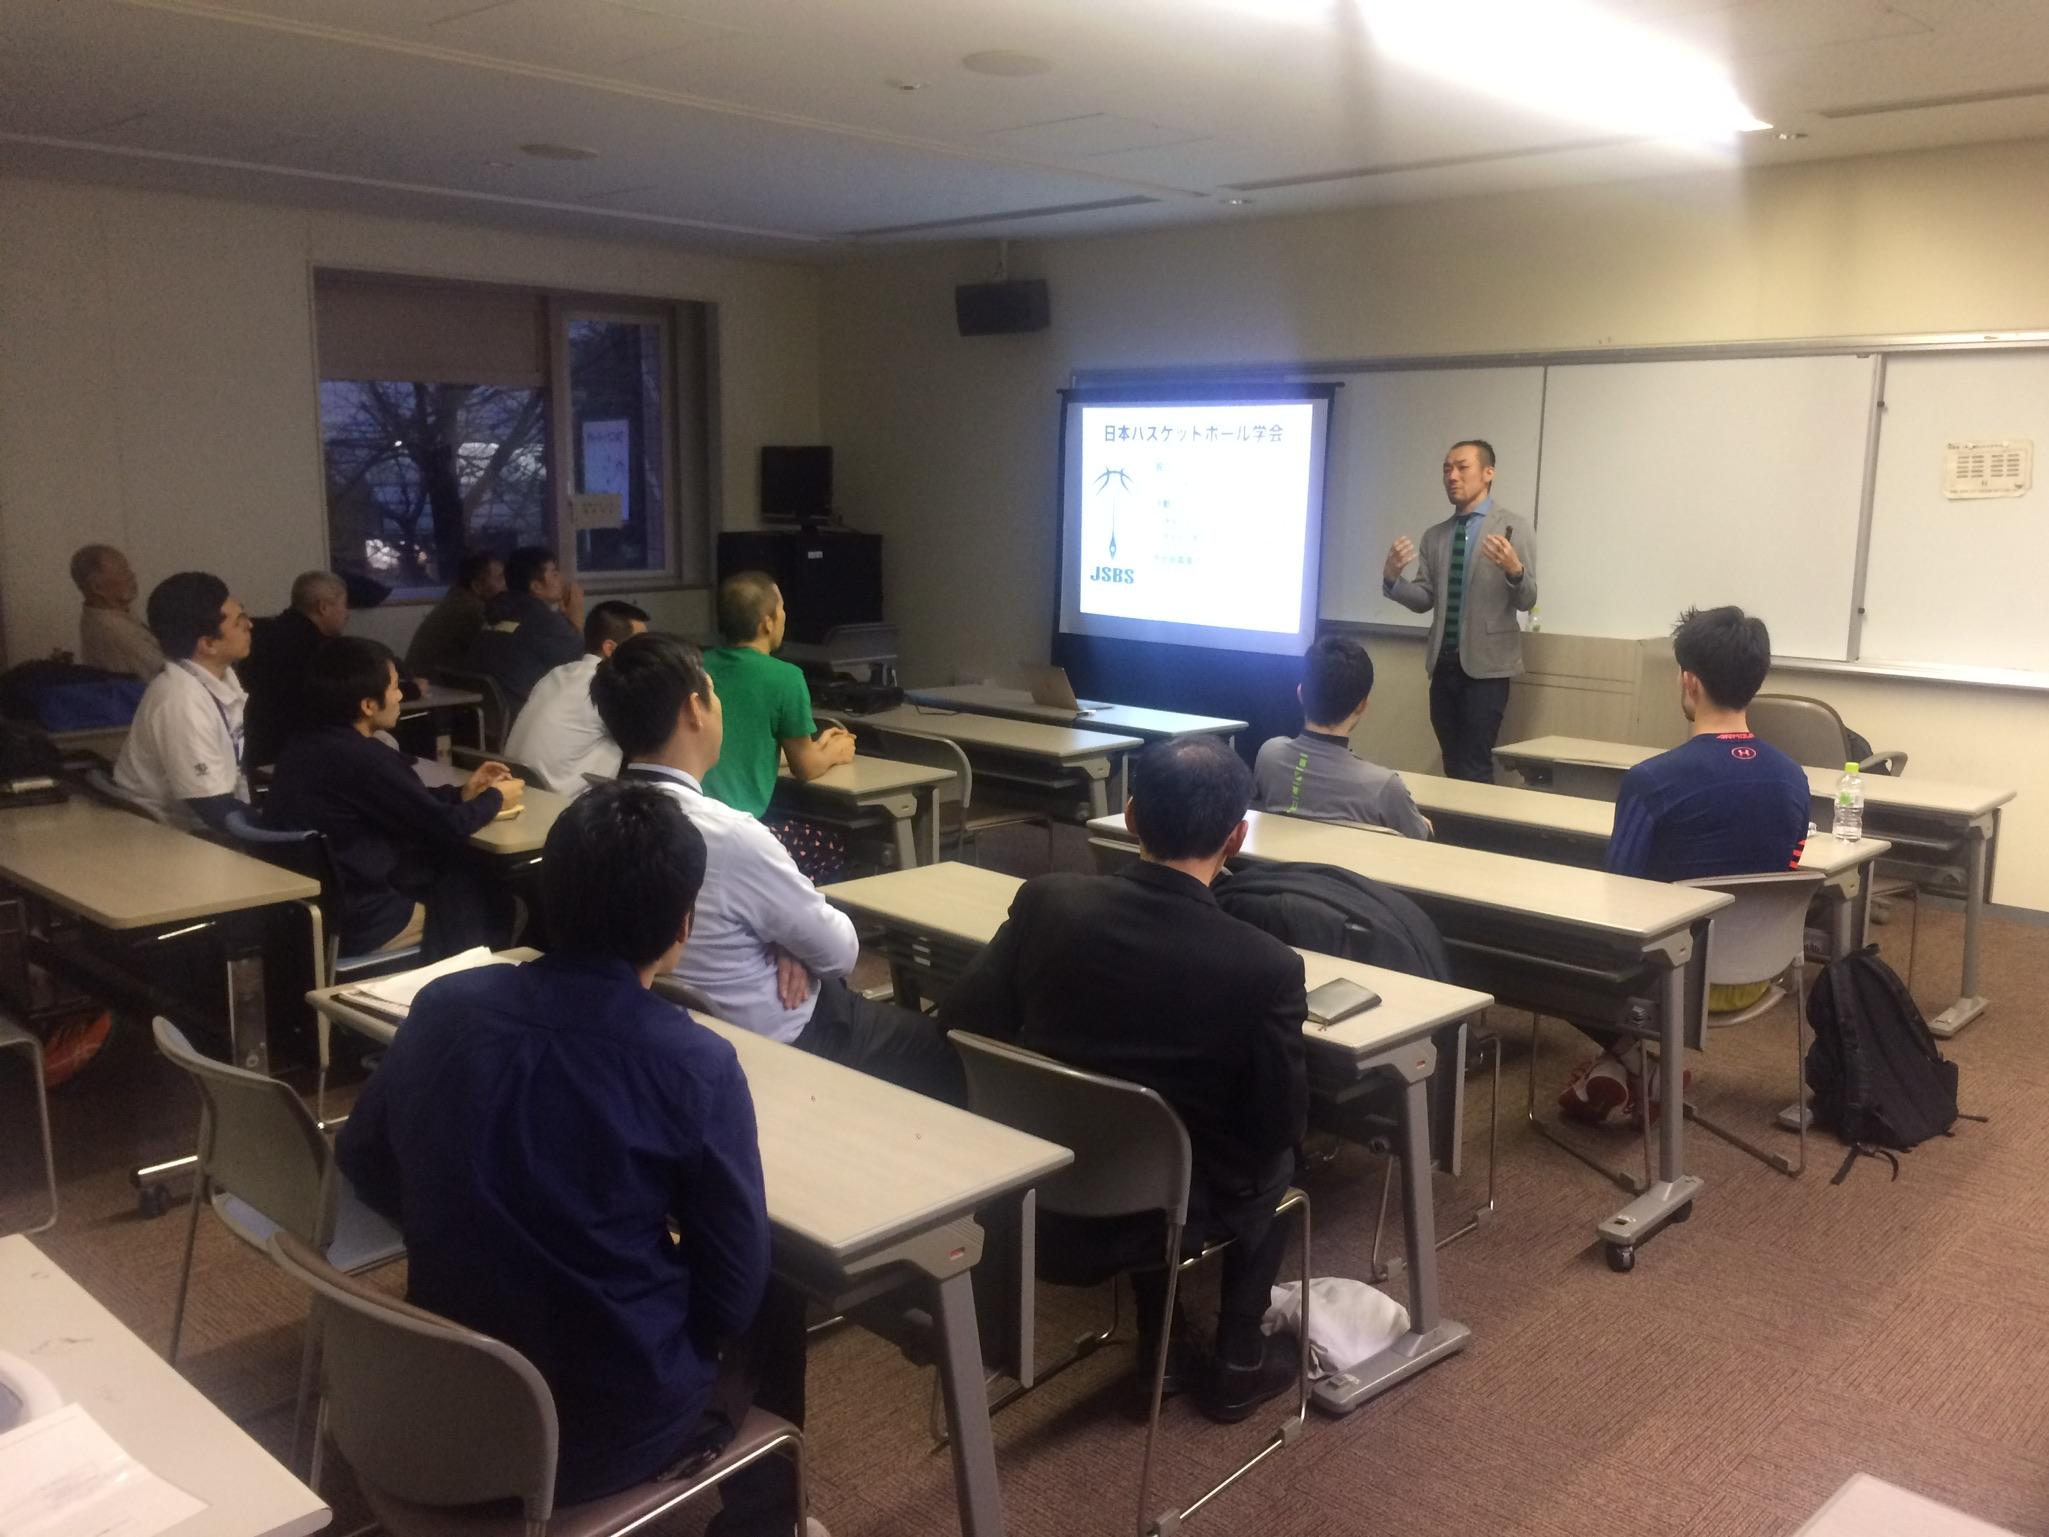 「一人バスケットボール学会の歩き方:第69回日本体育学会」小谷究(流通経済大学バスケットボール部HC)